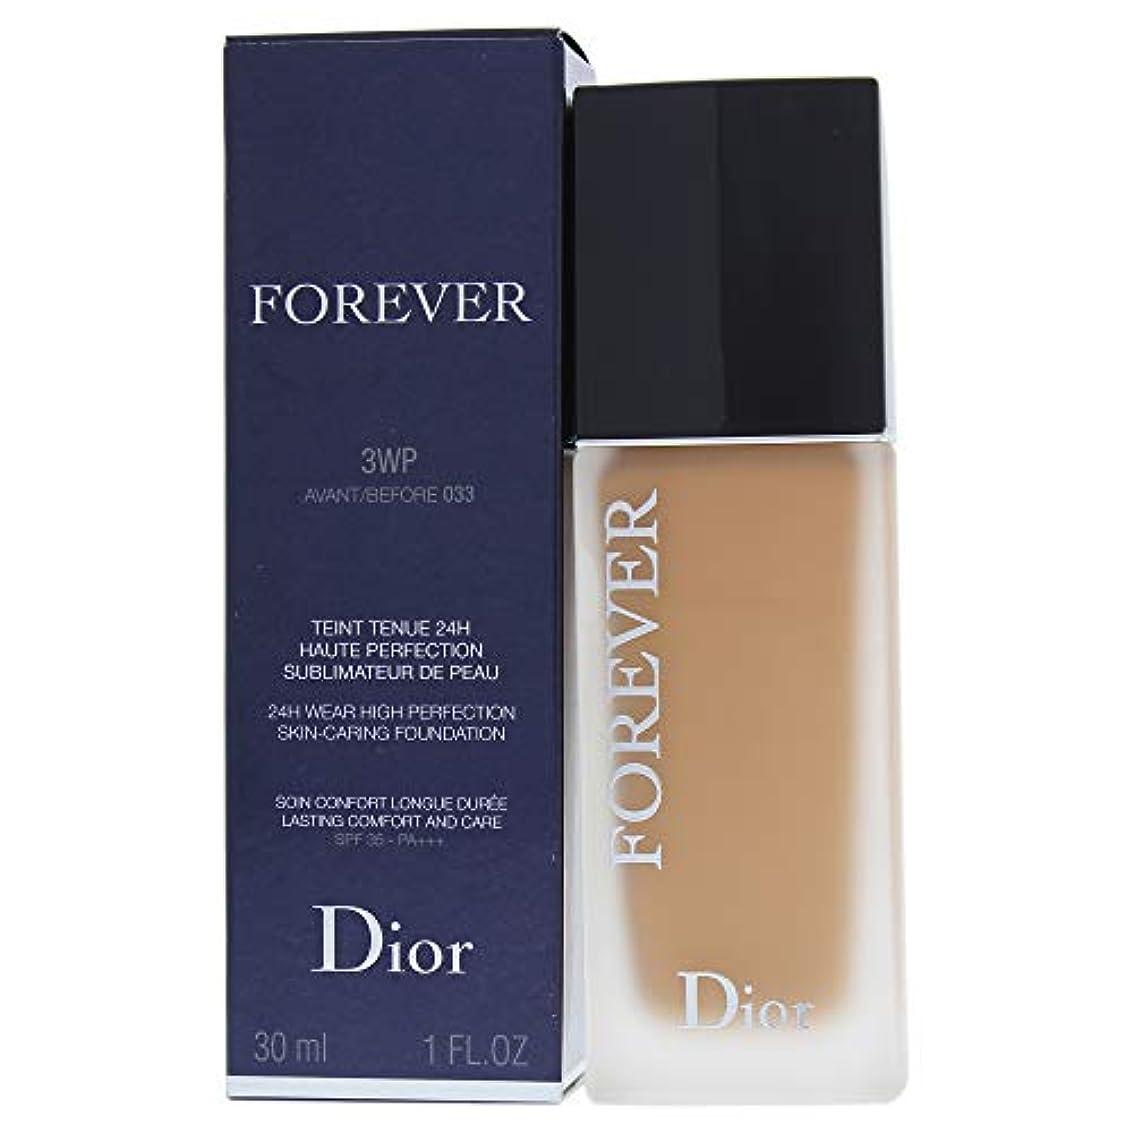 説教つらい生き残りますクリスチャンディオール Dior Forever 24H Wear High Perfection Foundation SPF 35 - # 3WP (Warm Peach) 30ml/1oz並行輸入品